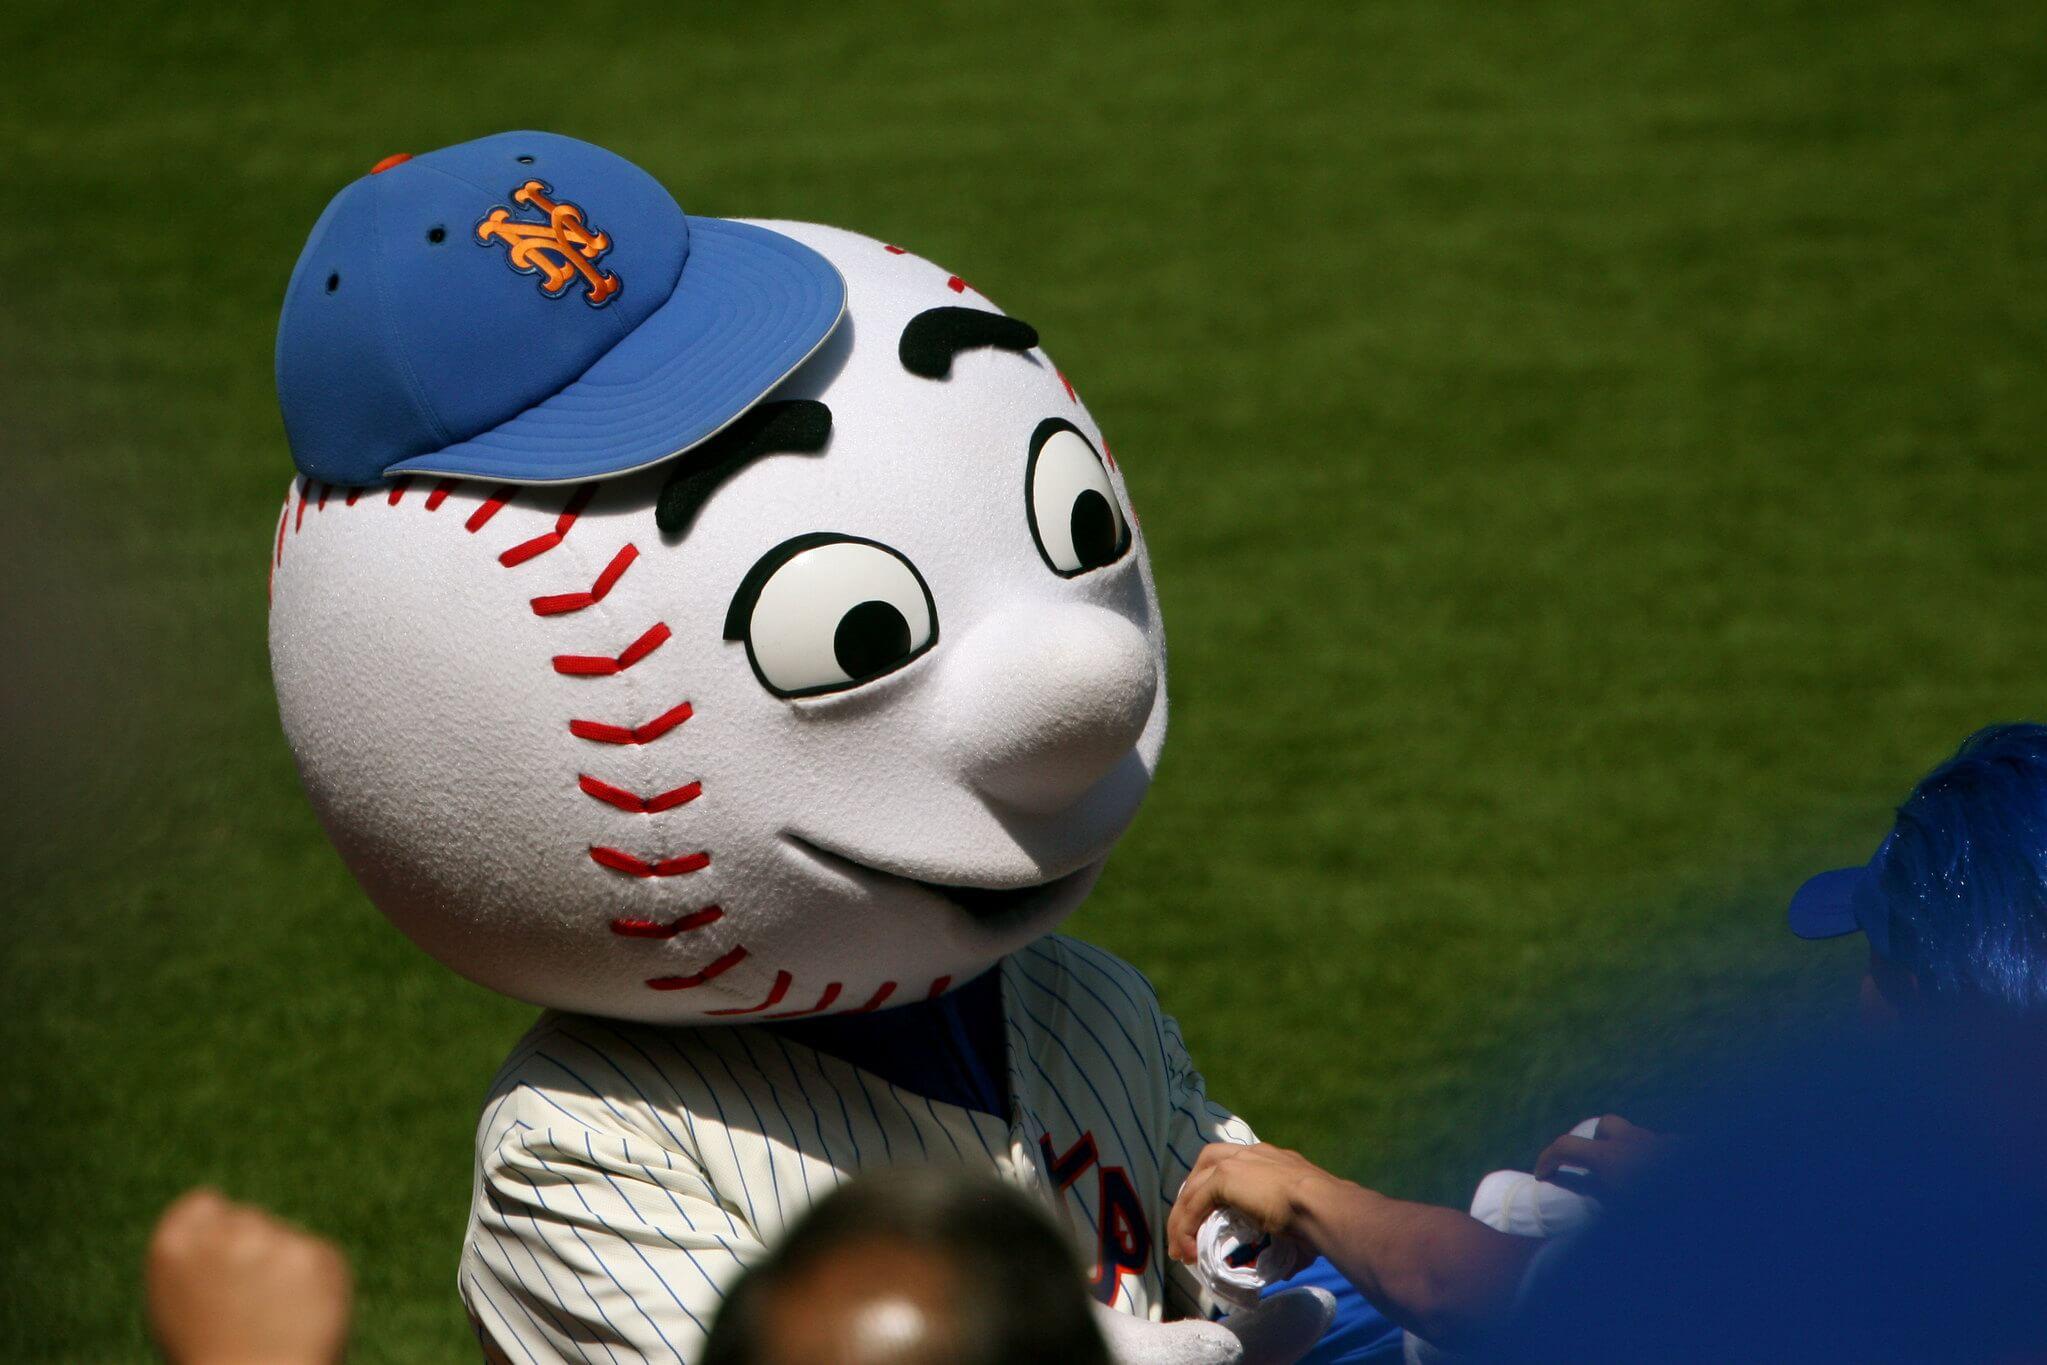 Mr Met New York Mets mascot